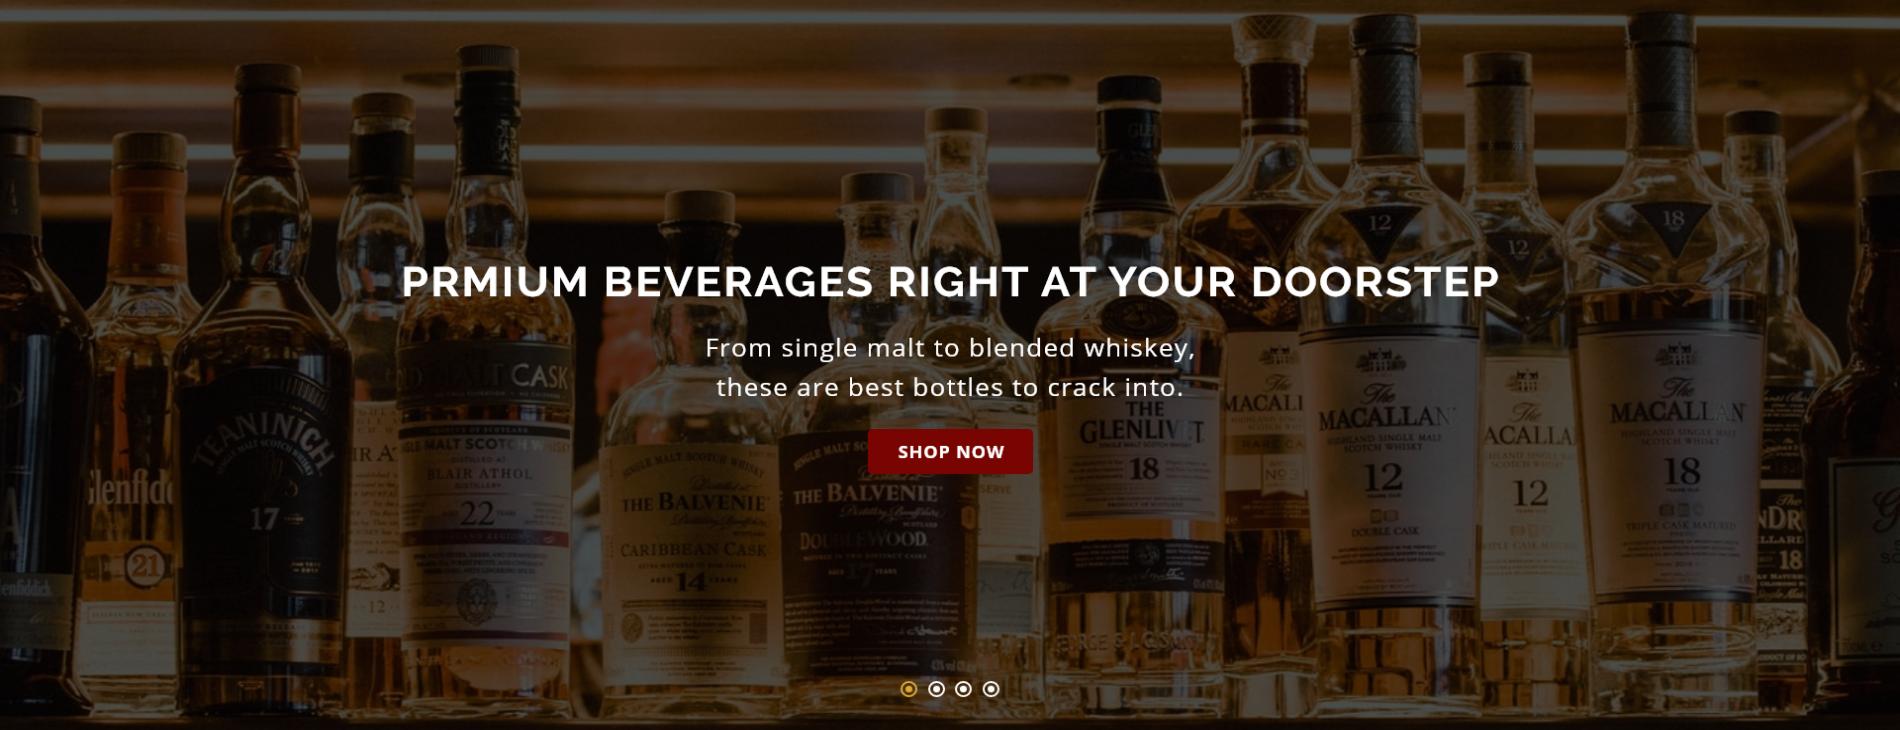 whisky-scotch-bourbon.html